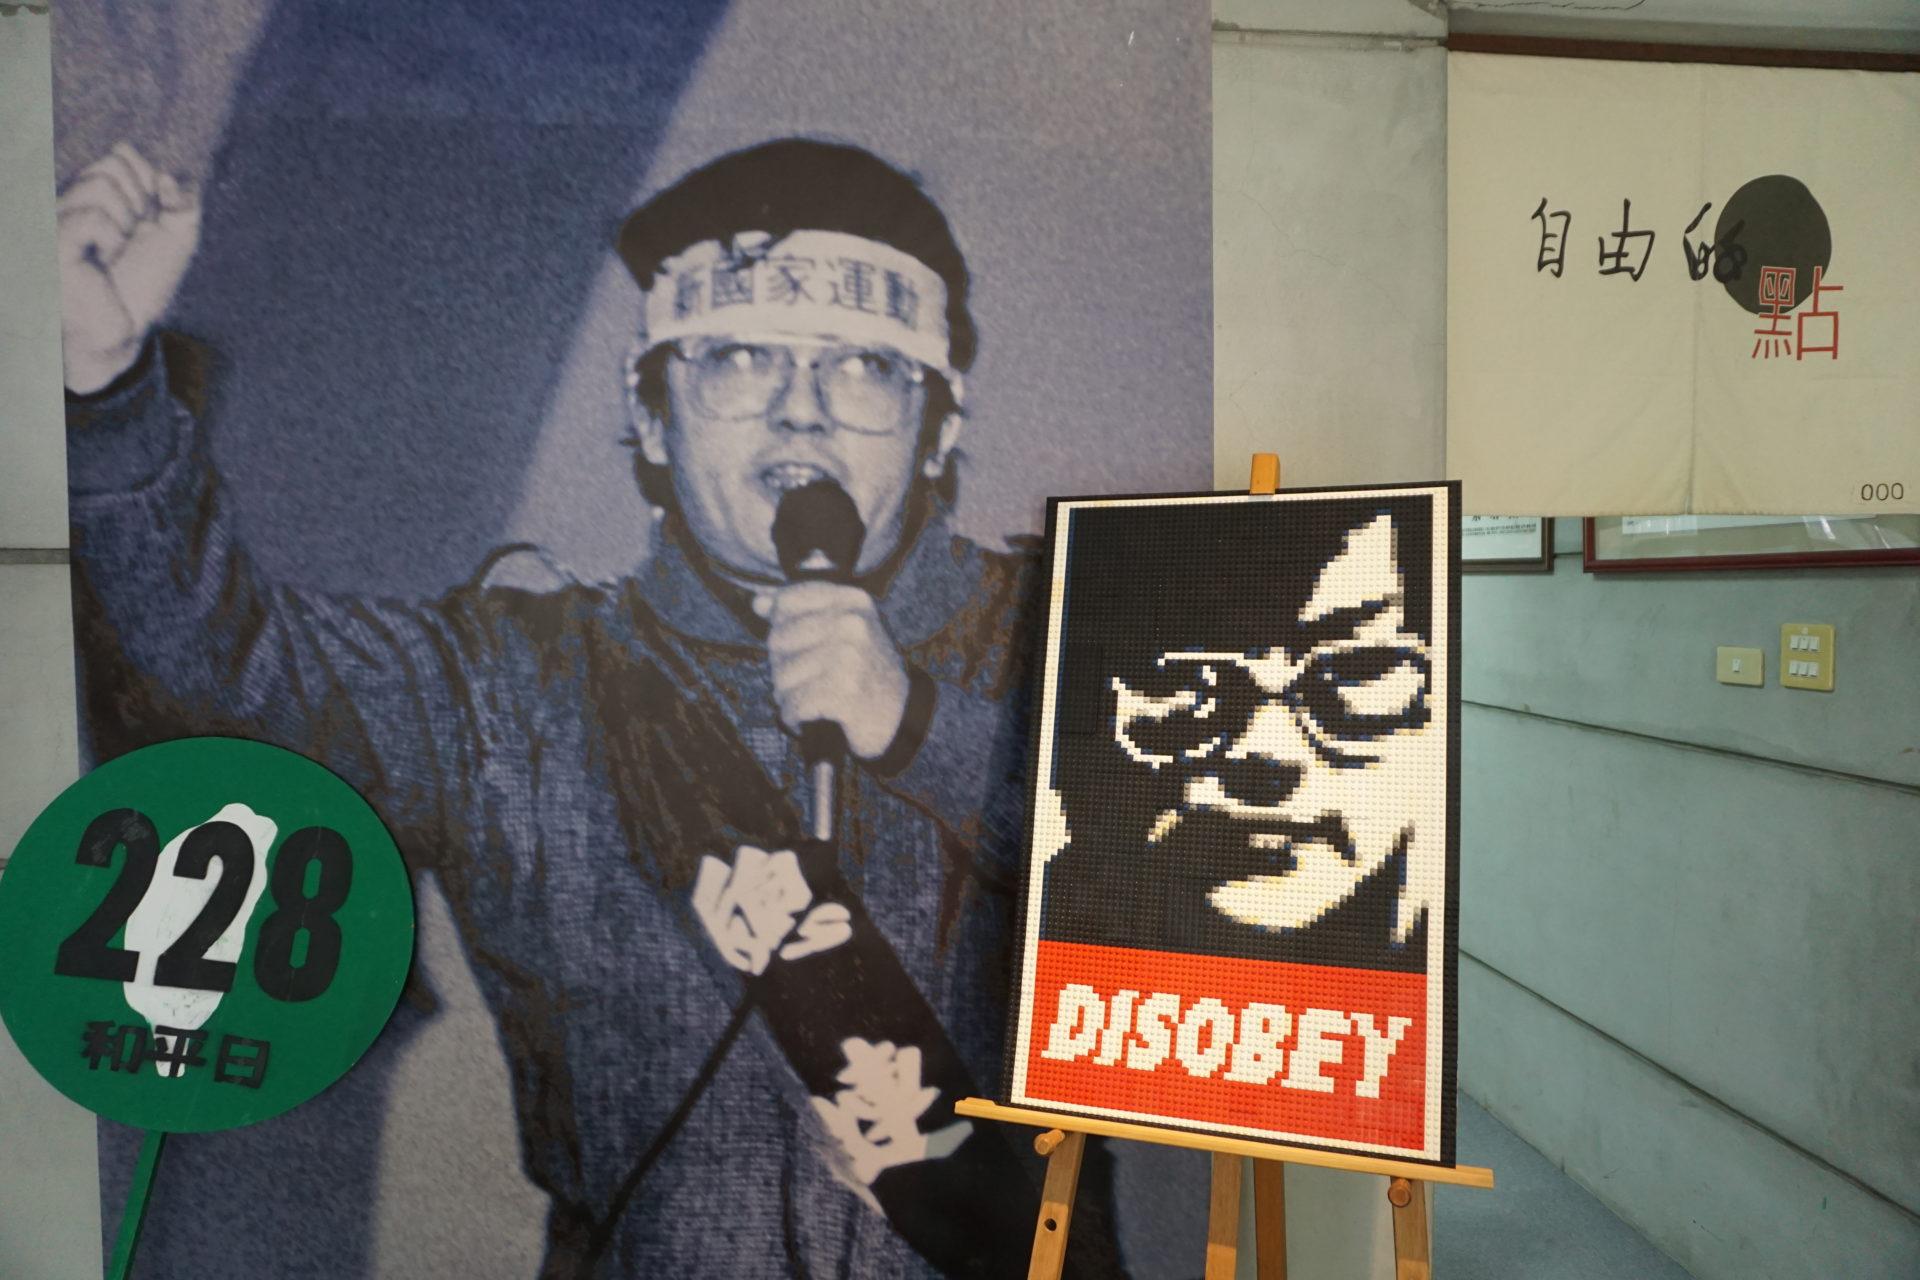 【亞太博物館連線專欄】讓言論自由精神走出紀念館—鄭南榕紀念館的挑戰與實踐